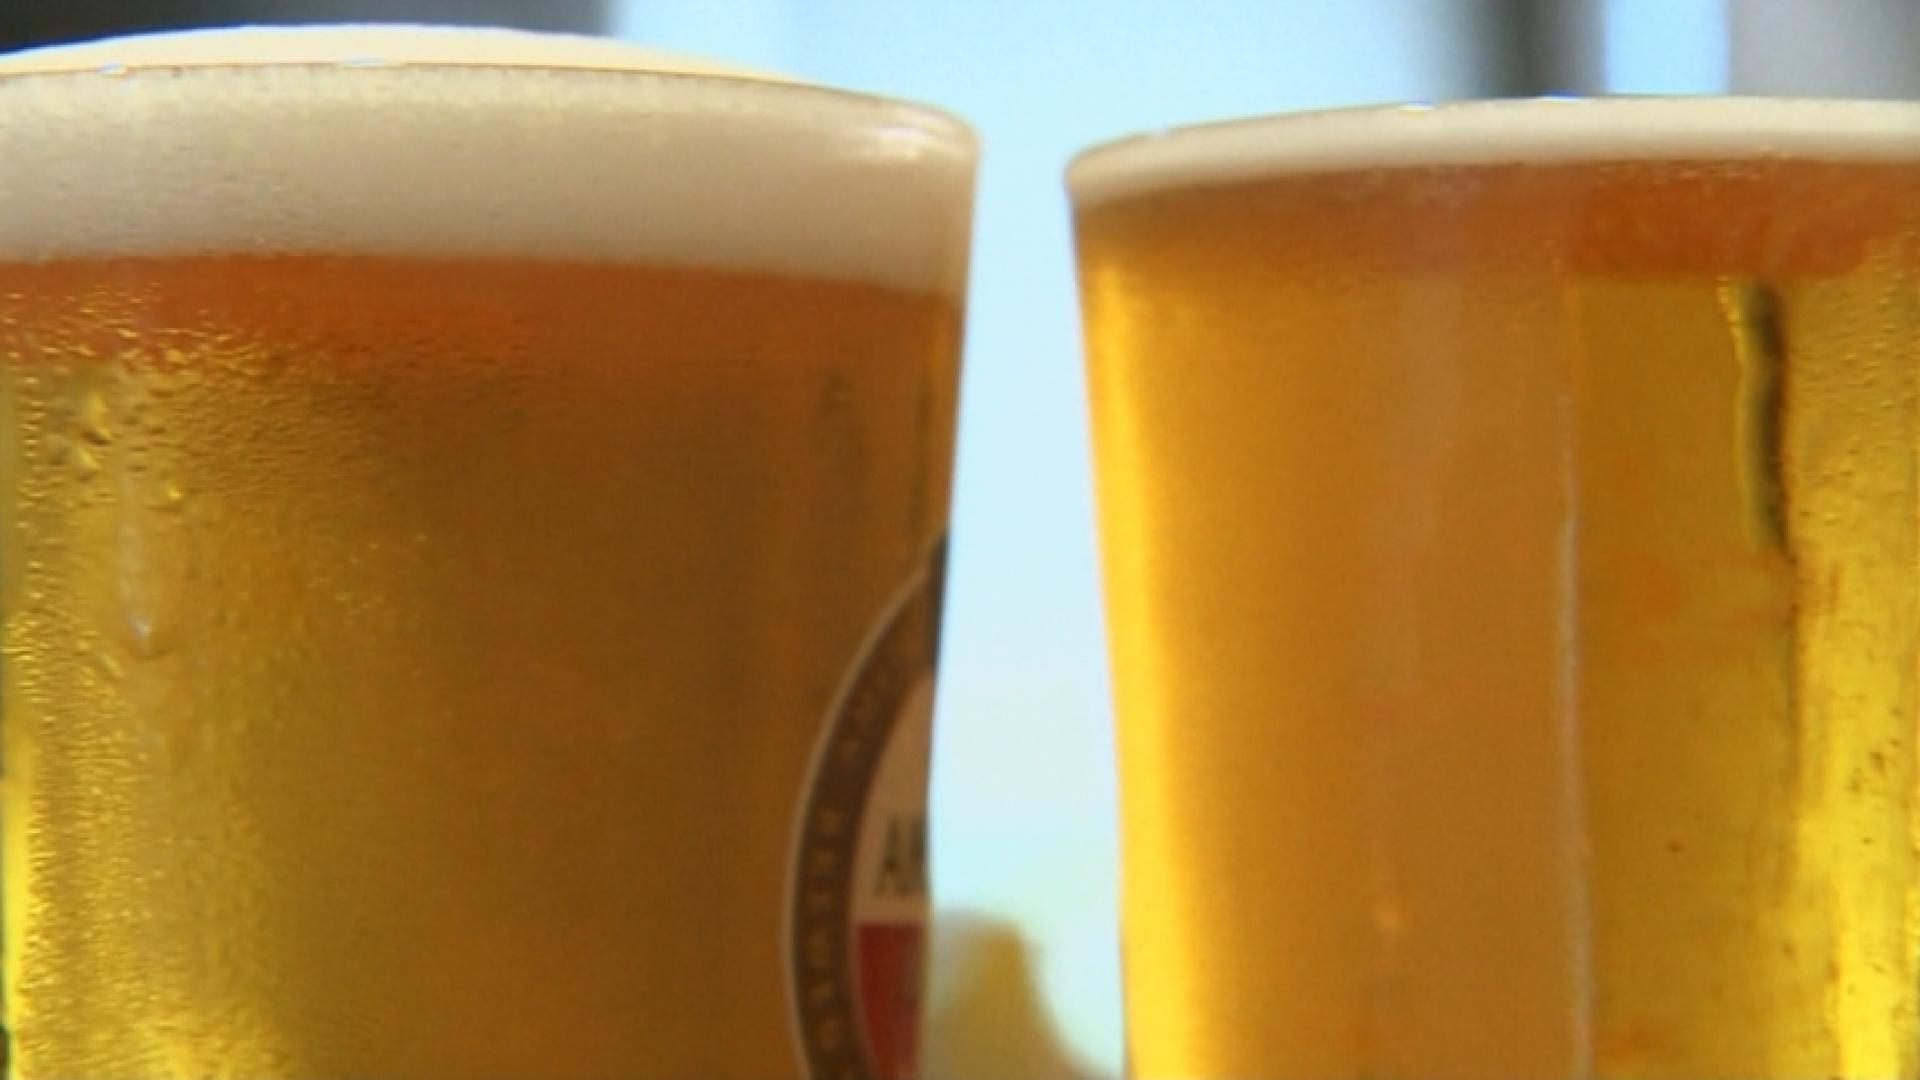 NC_beer0405_1920x1080_1557345423963.jpg